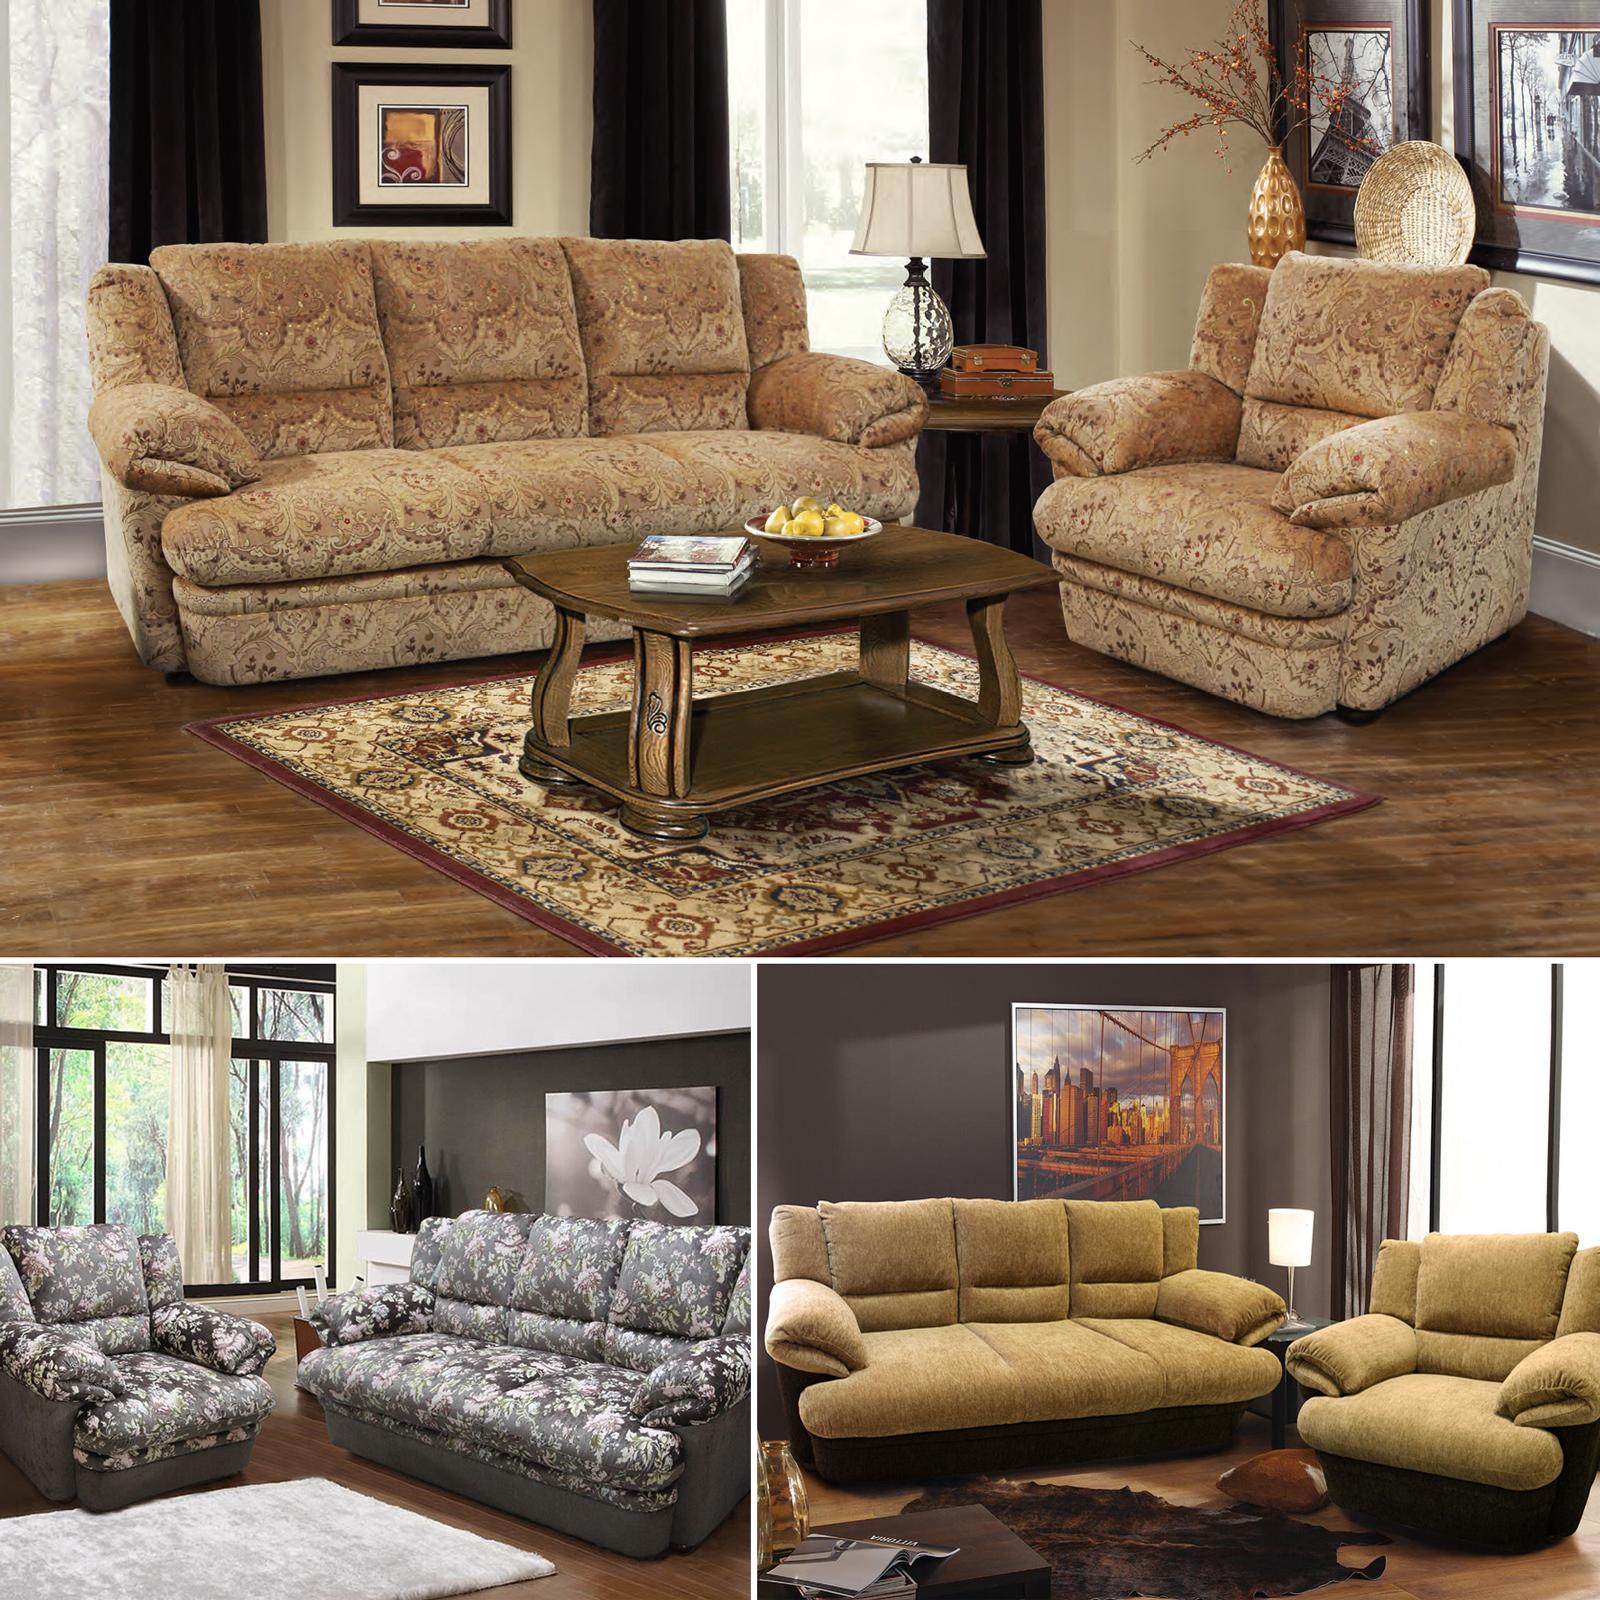 sofa garnitur 3 teilig sofas schlaffunktion couch mit sessel couchgarnitur mit schlaffunktion